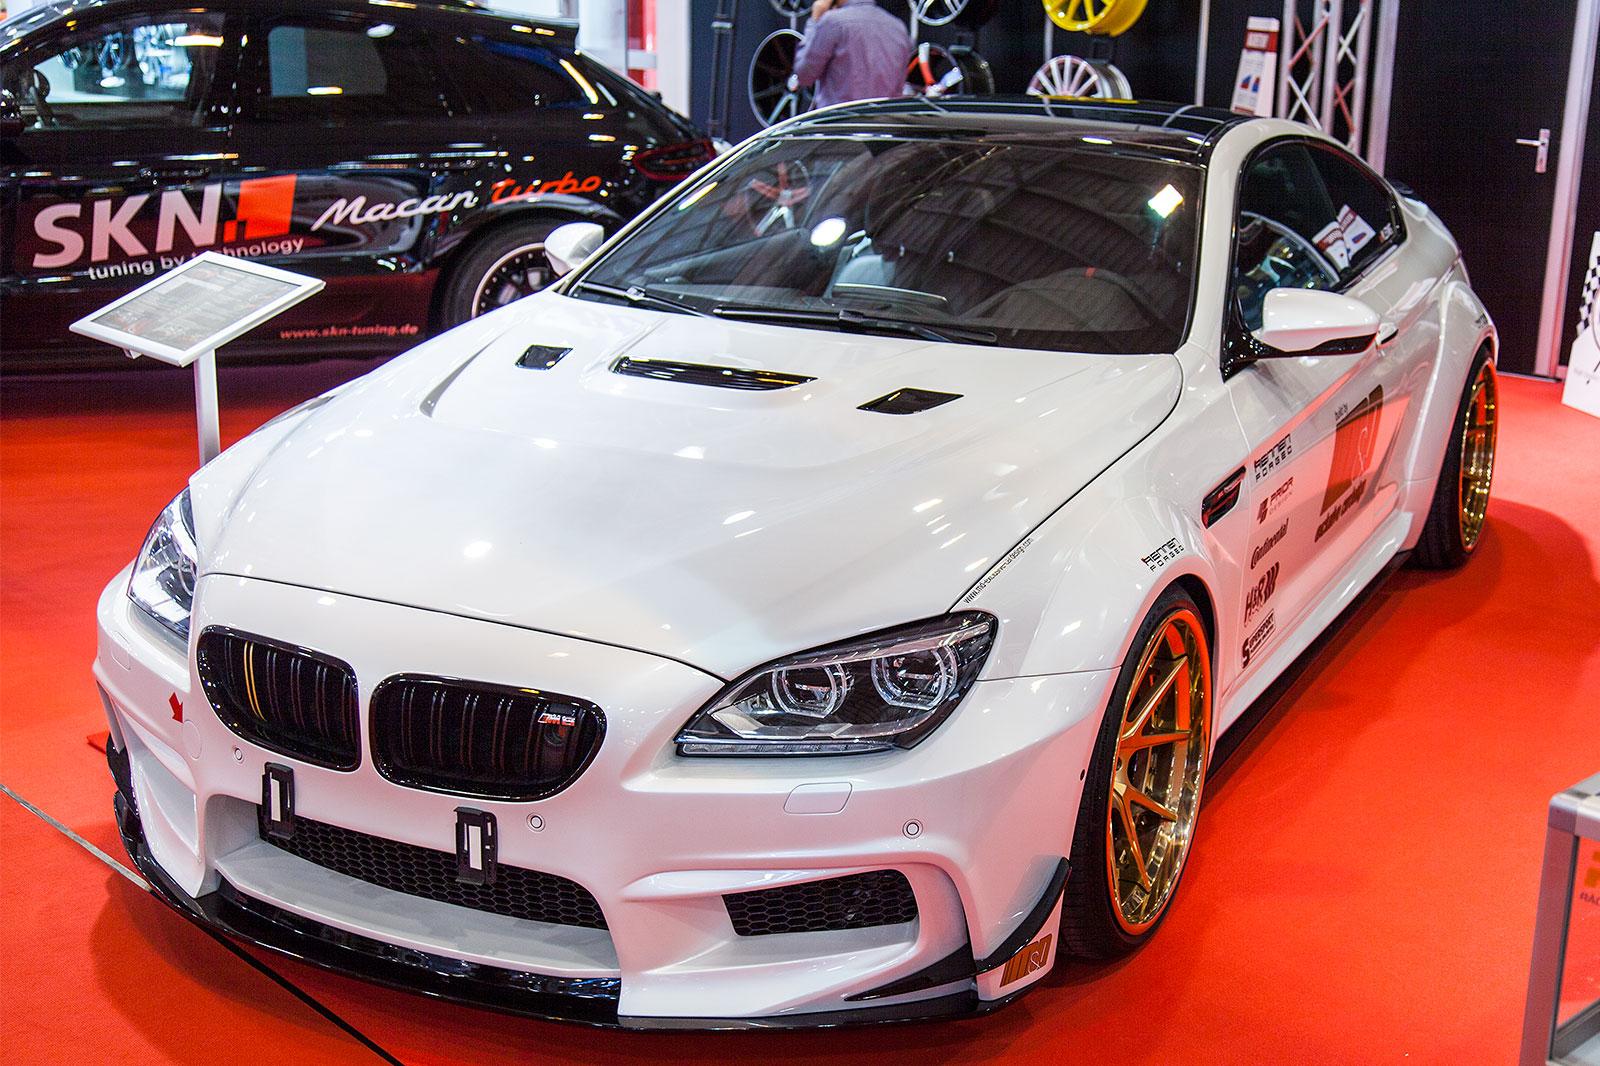 BMW 650i (F13) mit SKN Leistungssteigerung auf 574 kW / 780 PS, vier Ausbaustufen zur Wahl